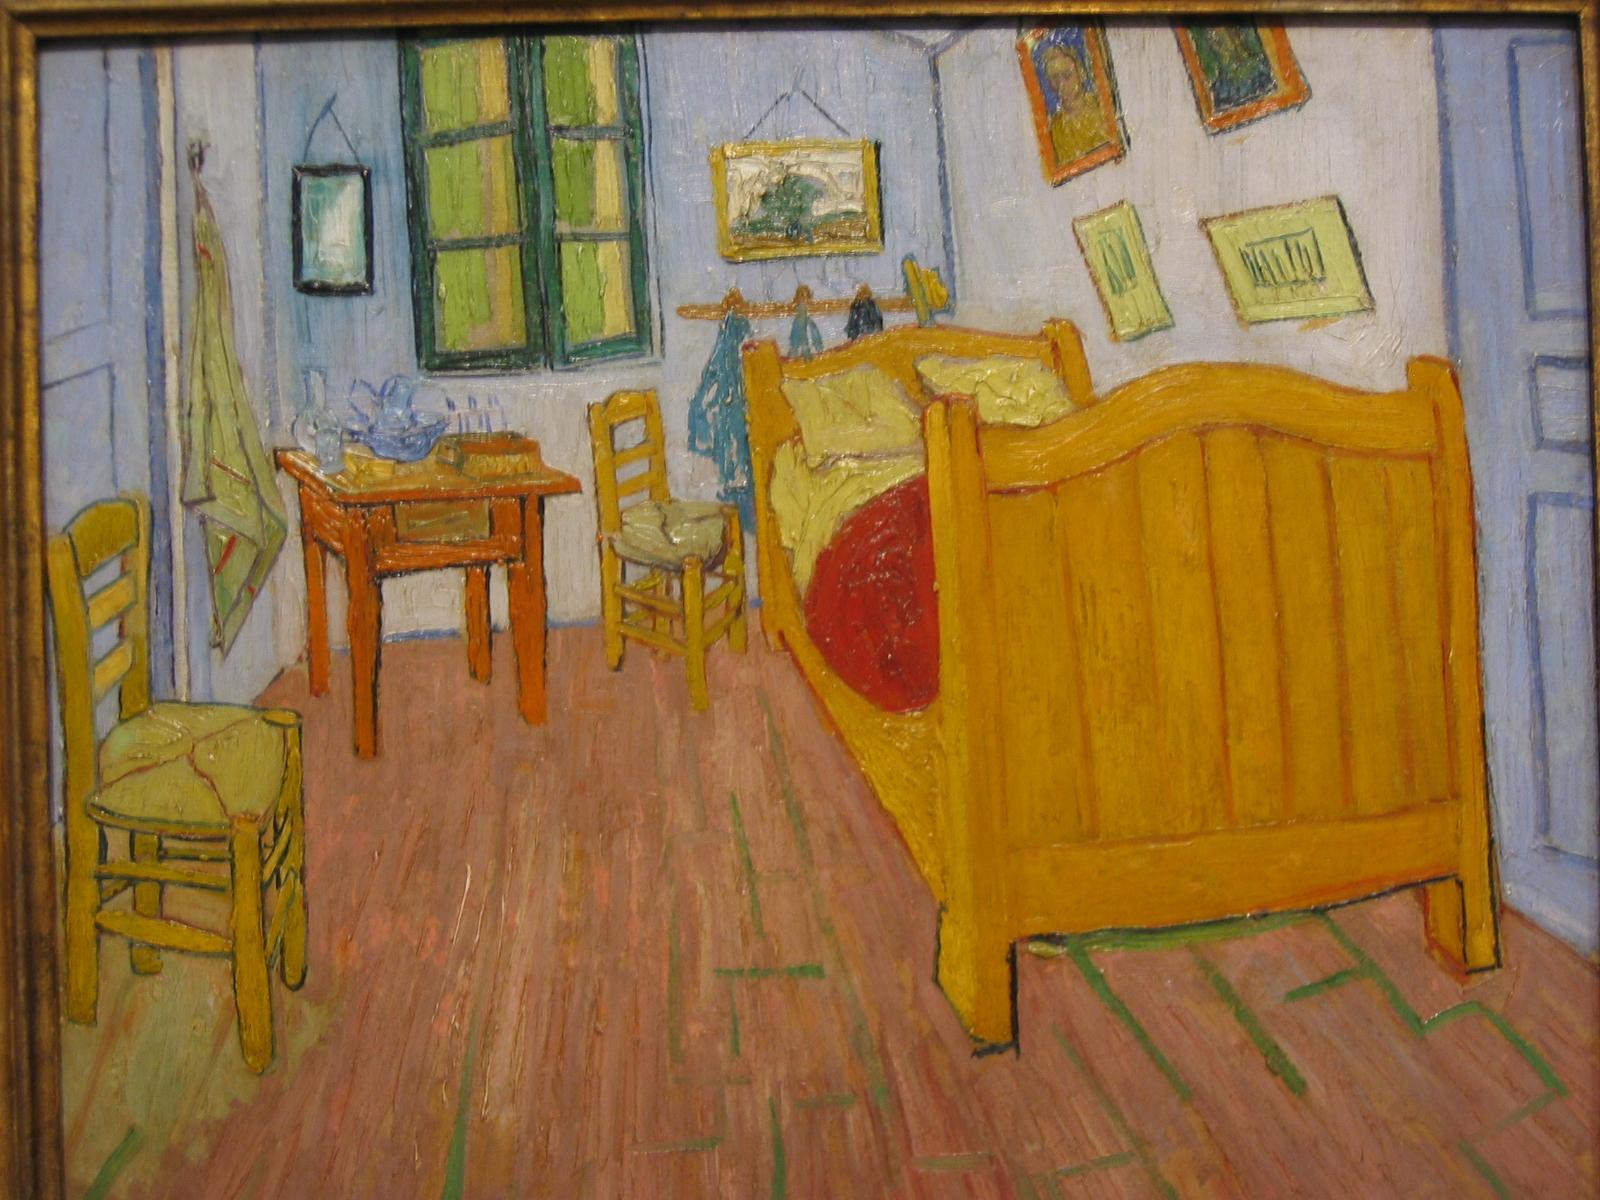 File:WLANL   Minke Wagenaar   Vincent Van Gogh 1888 The Bedroom (1) Photo Gallery